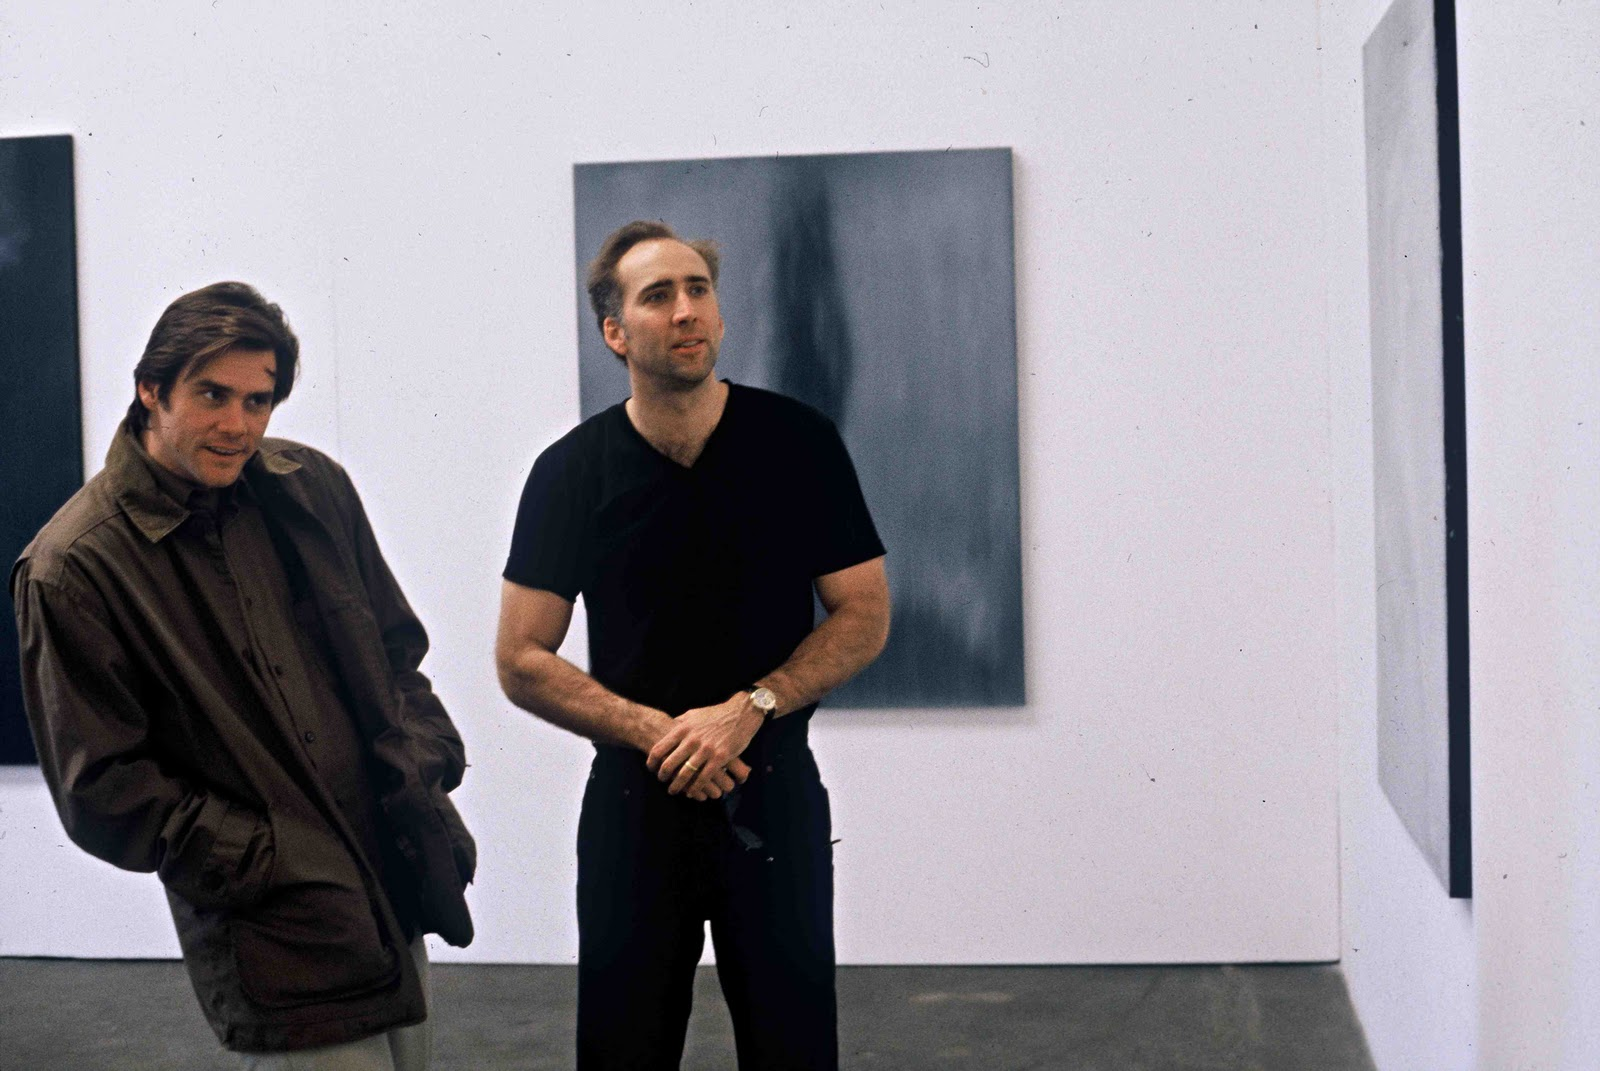 http://1.bp.blogspot.com/_io6A5jUPcGE/TRa8oyRq-1I/AAAAAAAAAHQ/Lz6_dd6sfxA/s1600/Jim+Carrey%252C+Nicholas+Cage%252C+at+Alison+Van+Pelt+show.jpg